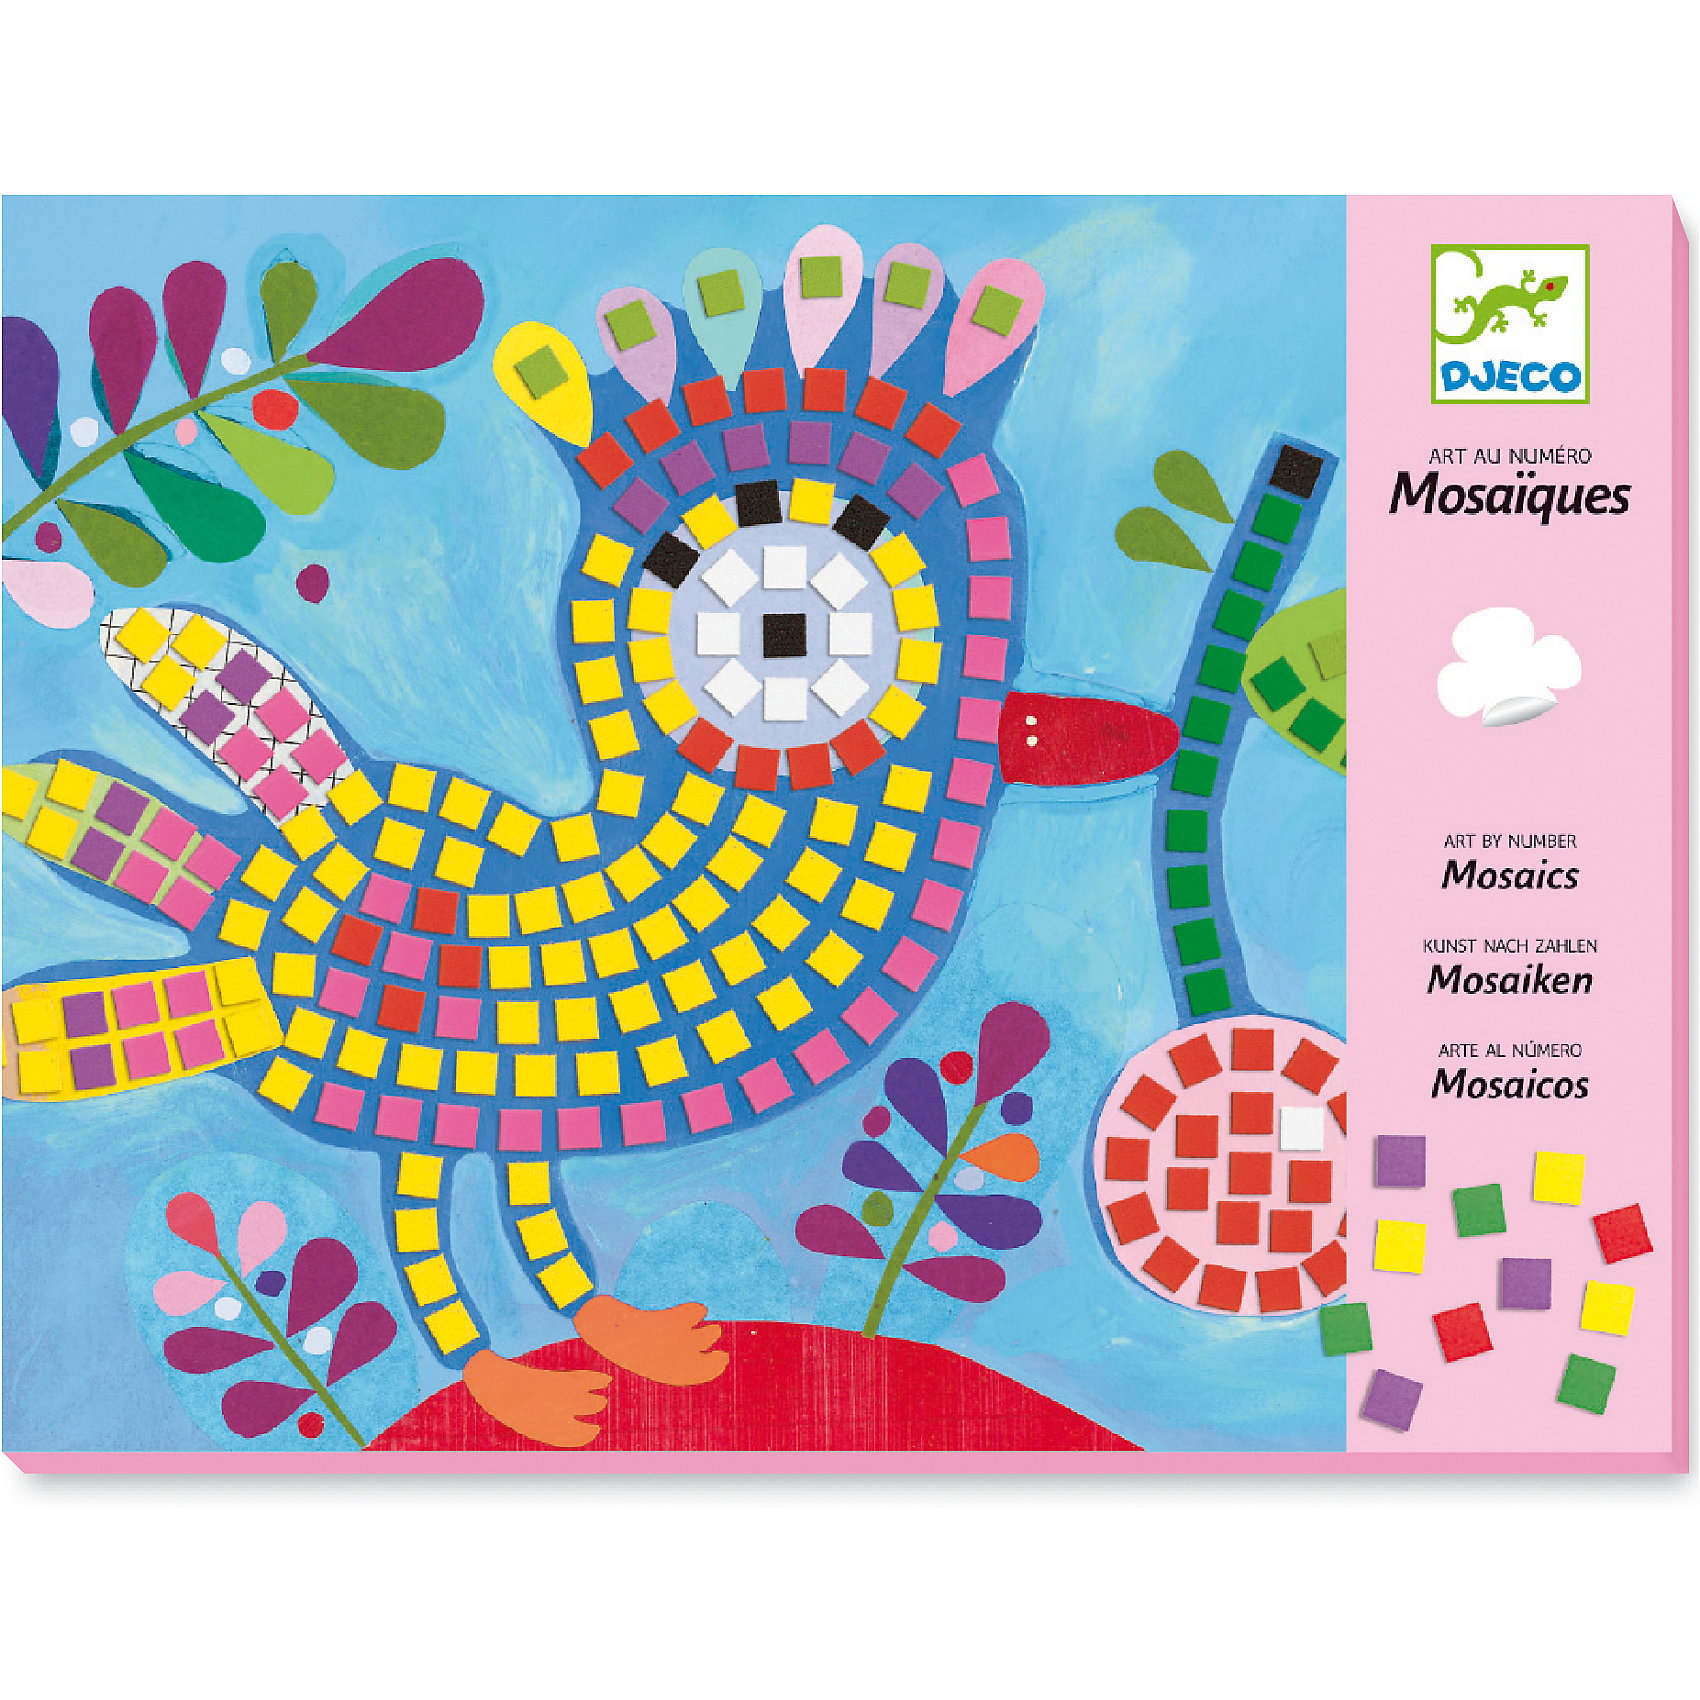 Мозаика Птица и божья коровкаМозаика<br>Набор для создания красочной мозаики станет увлекательной игрой как для девочек, так и для мальчиков. С помощью набора Djeco можно создавать картинки посредством инструкции или же придумывать собственные варианты, проявляя творческие способности. Набор для творчества Djeco развивает мелкую моторику, образное и логическое мышление, учит малыша внимательности и усидчивости. В наборе: 2 картинки, небольшие плитки для мозаики 6,5 х 6,5 мм.<br><br>Мозаика Птица и божья коровка можно купить в нашем магазине.<br><br>Ширина мм: 290<br>Глубина мм: 220<br>Высота мм: 10<br>Вес г: 230<br>Возраст от месяцев: 48<br>Возраст до месяцев: 96<br>Пол: Унисекс<br>Возраст: Детский<br>SKU: 4783863